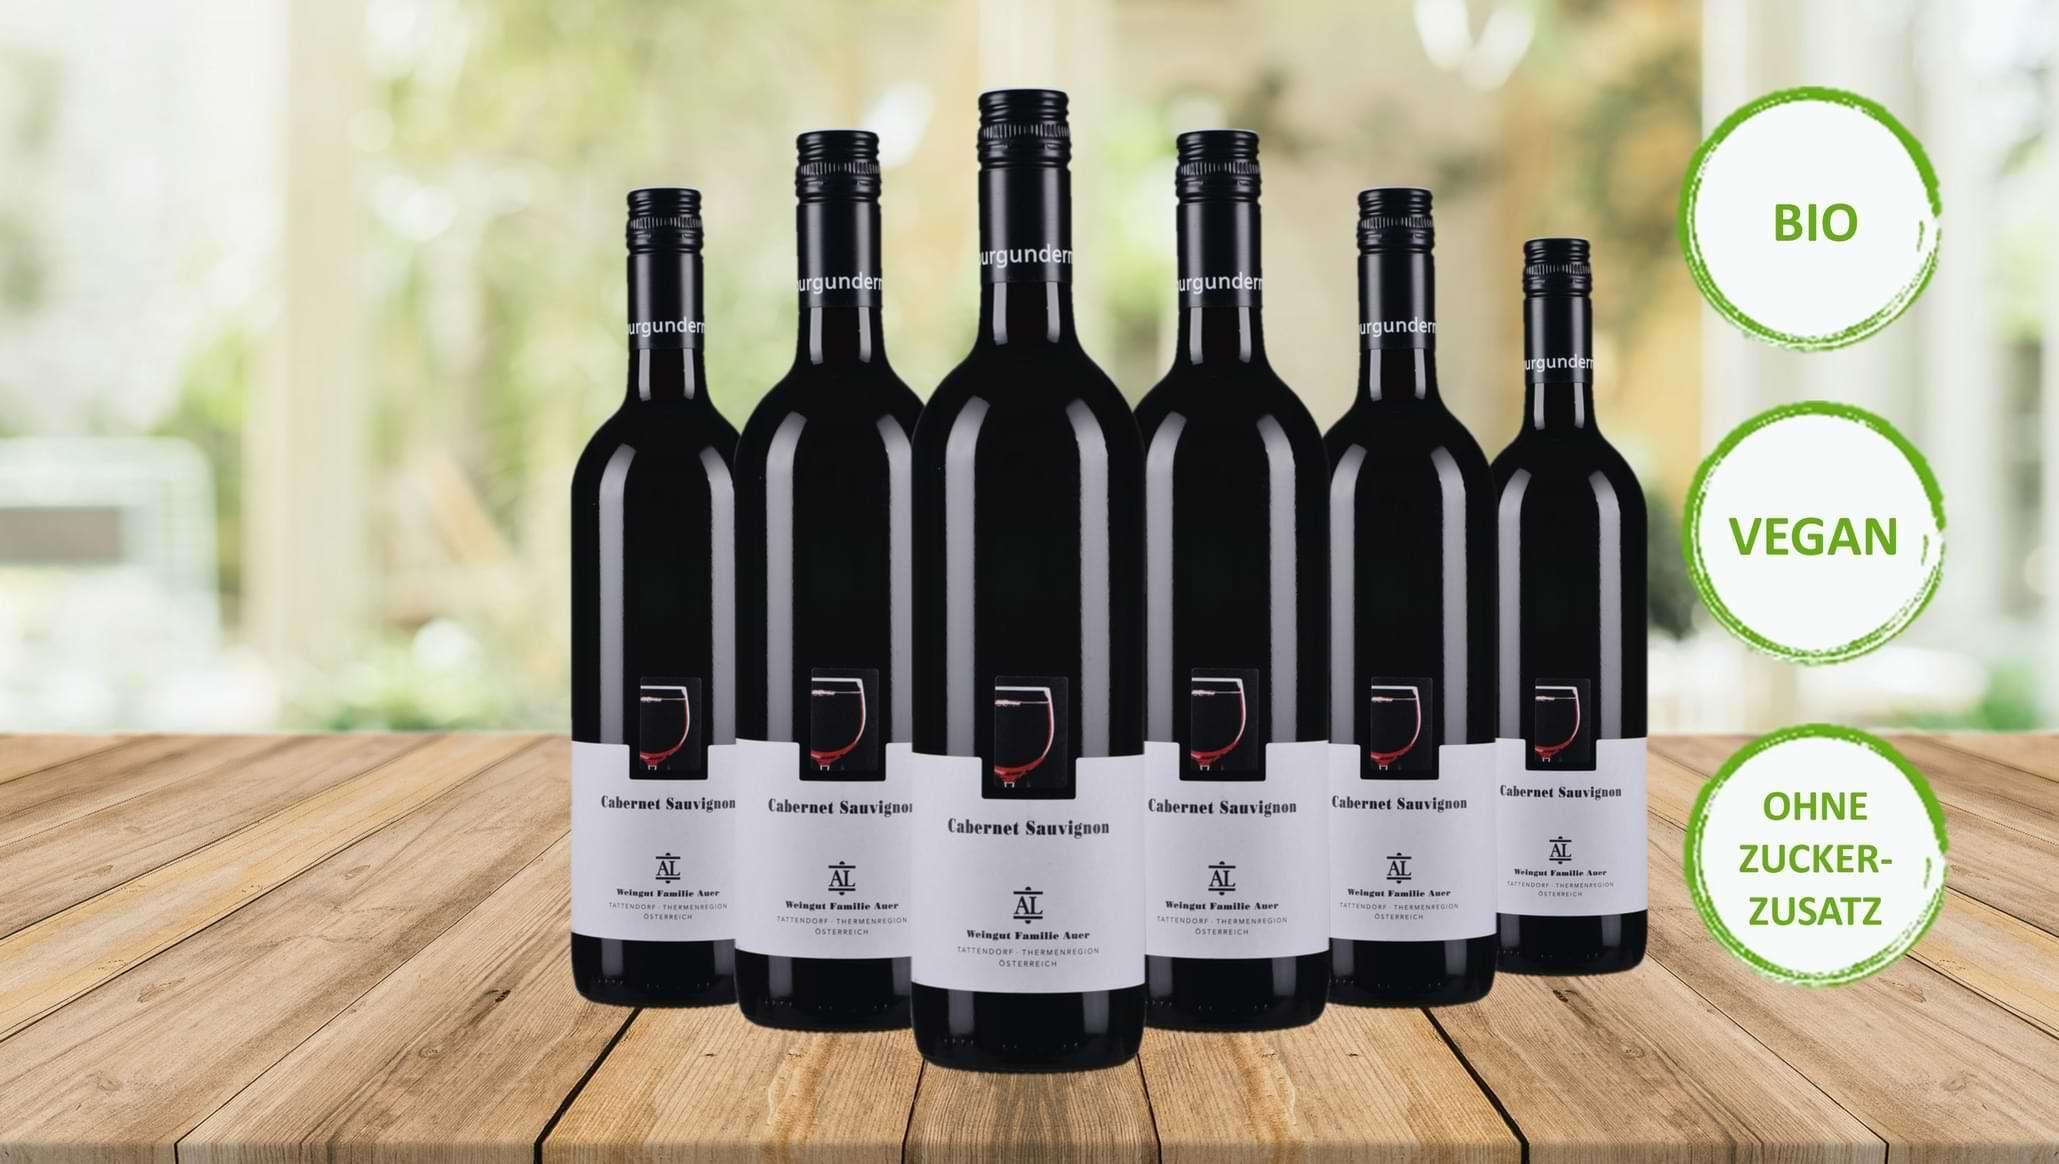 Cabernet Sauvignon Weingut Auer Weinpaket